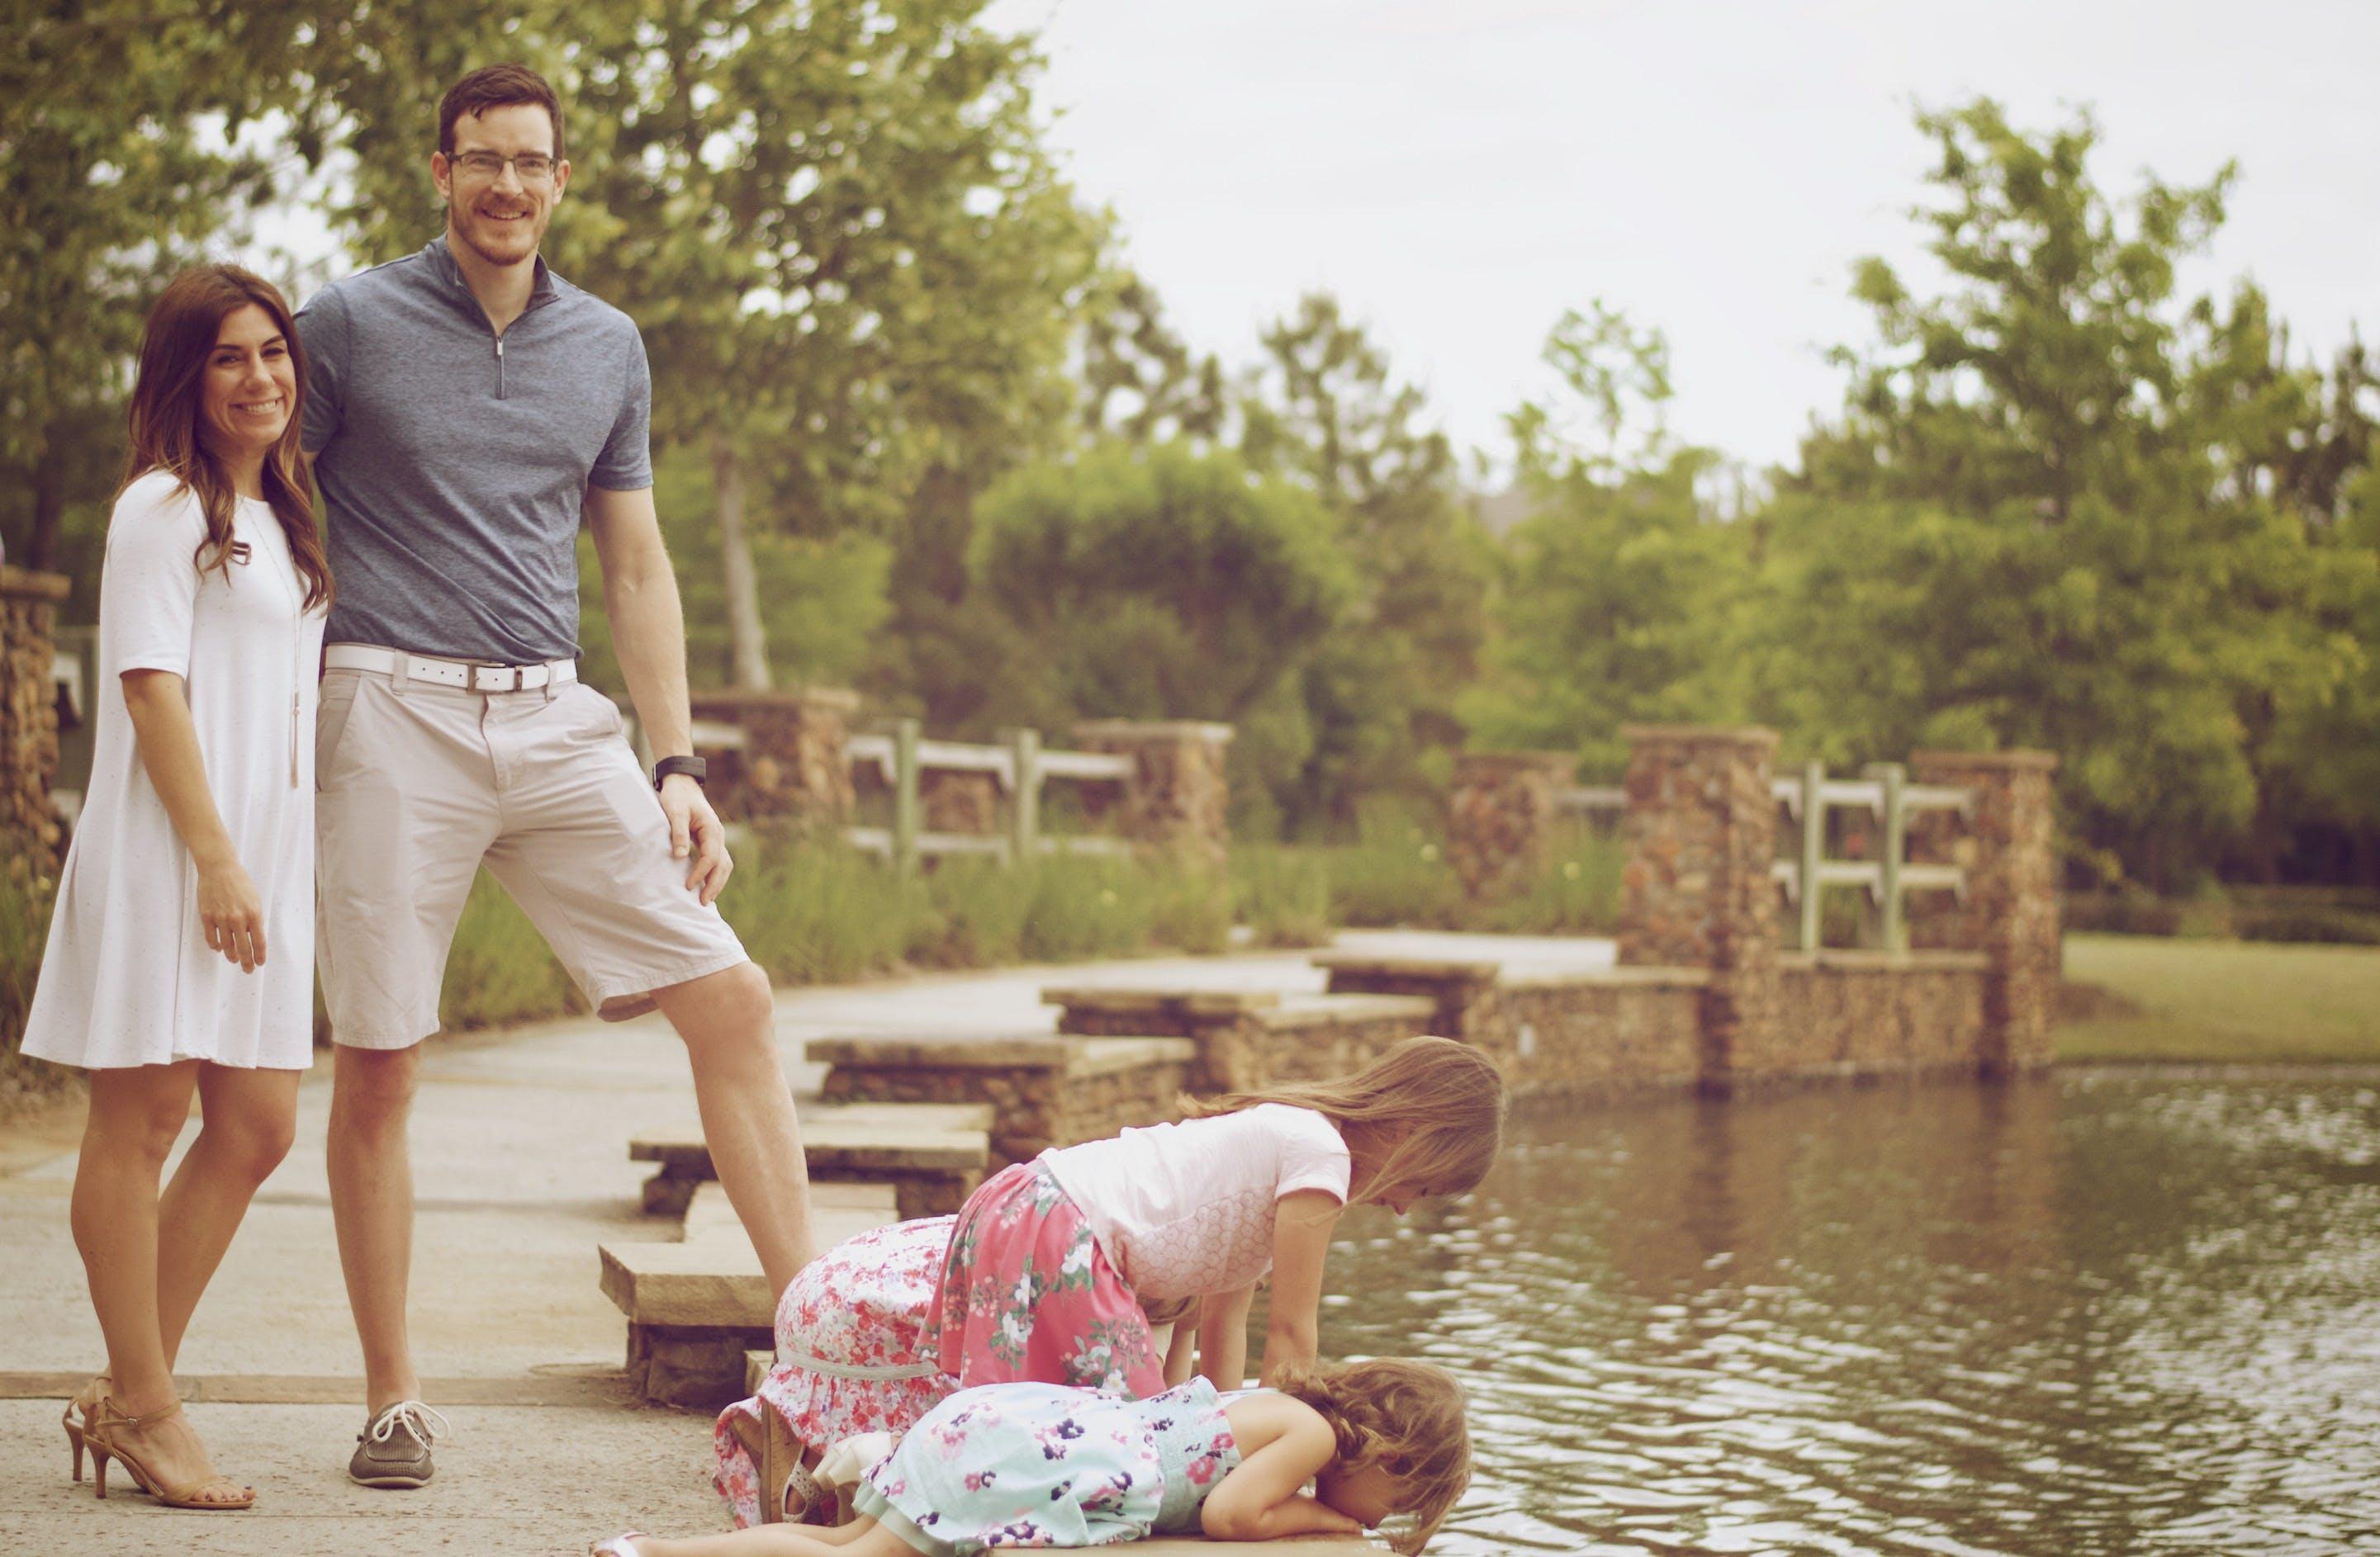 Fotos de stock gratuitas de abrazando, abrazos, agua, al aire libre